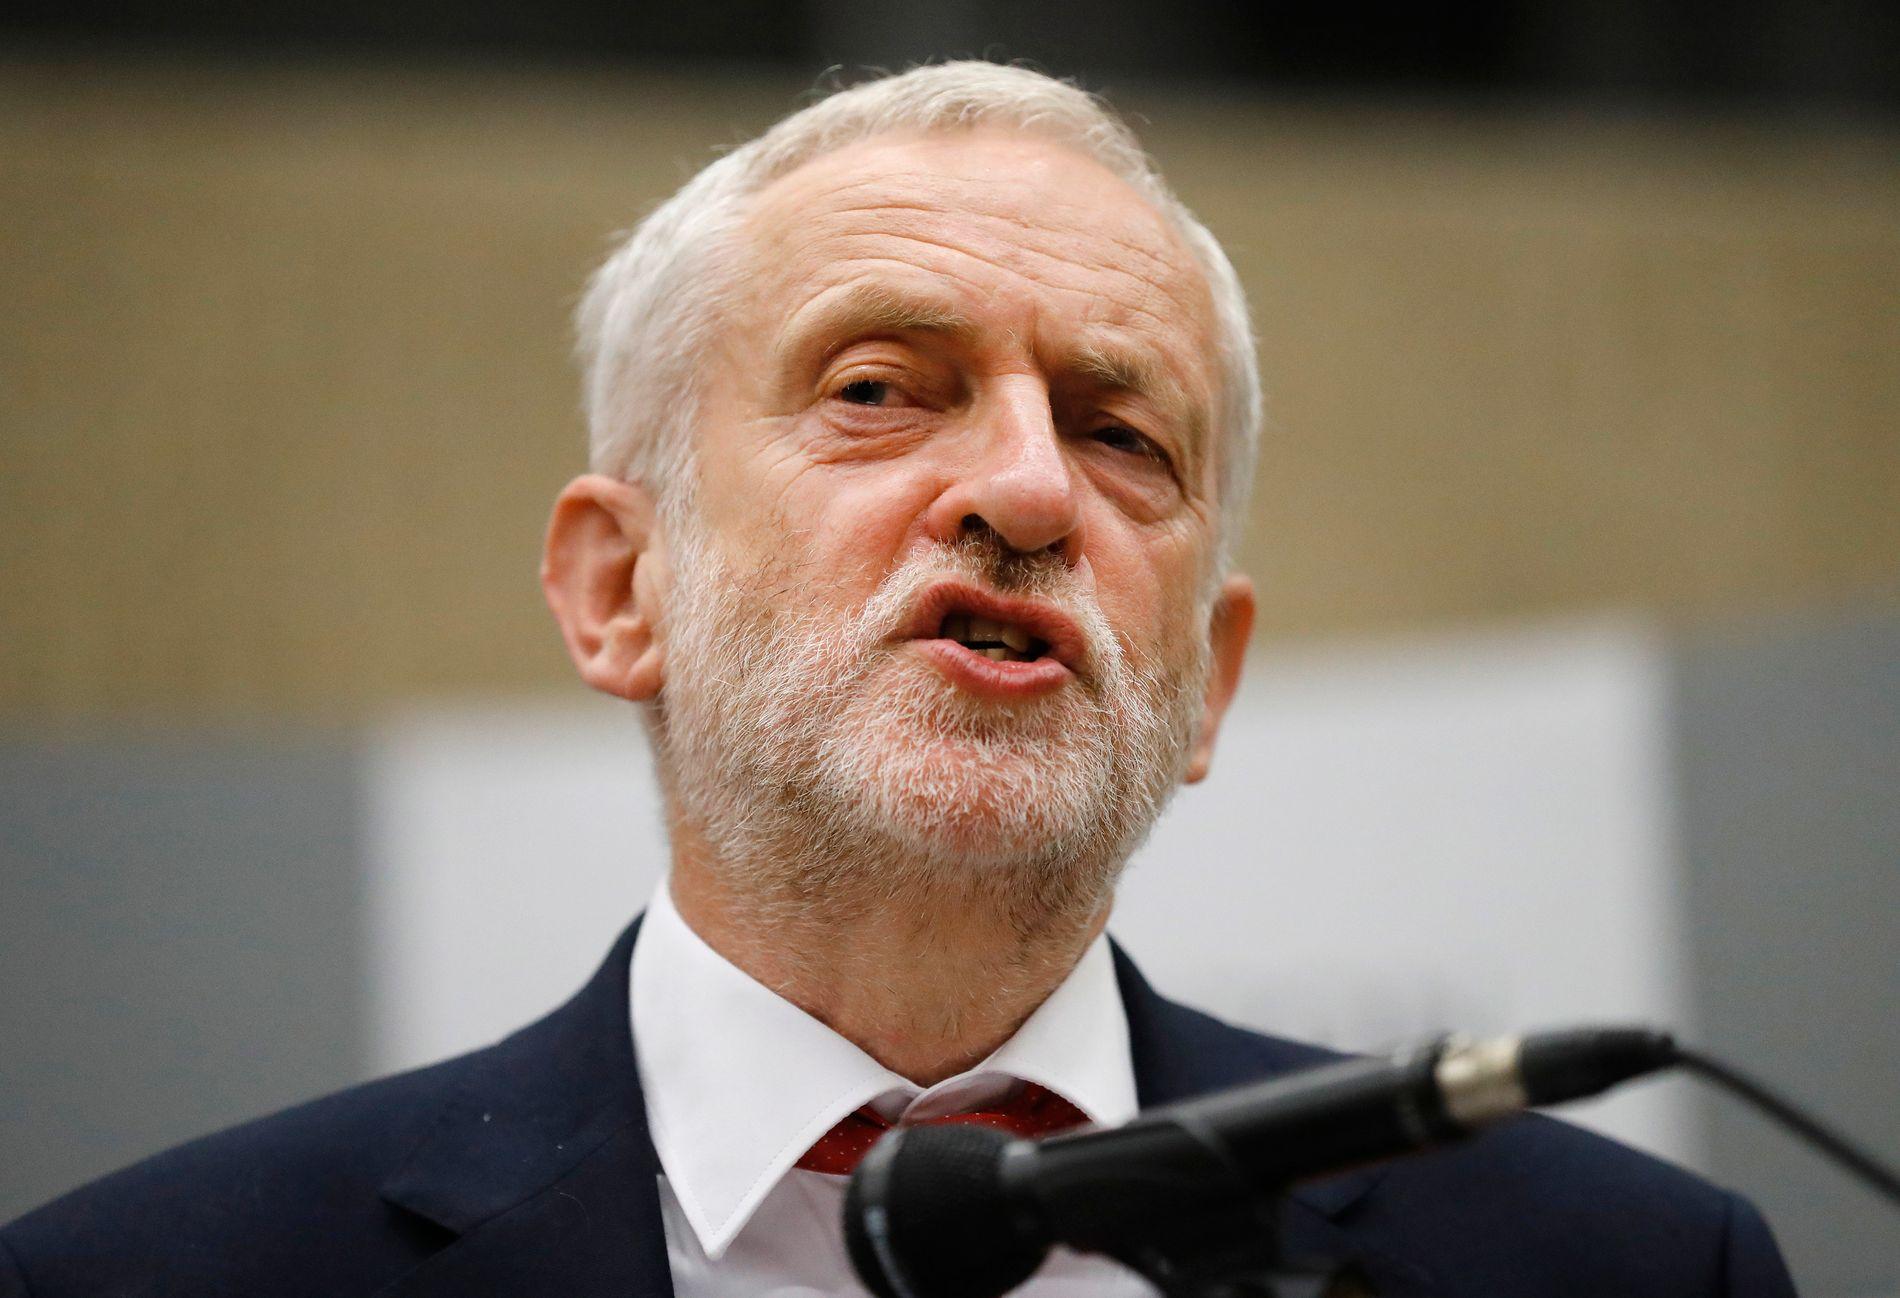 Den britiske Labour-lederen har støttet sosialistiske despoter, skriver Bård Larsen.